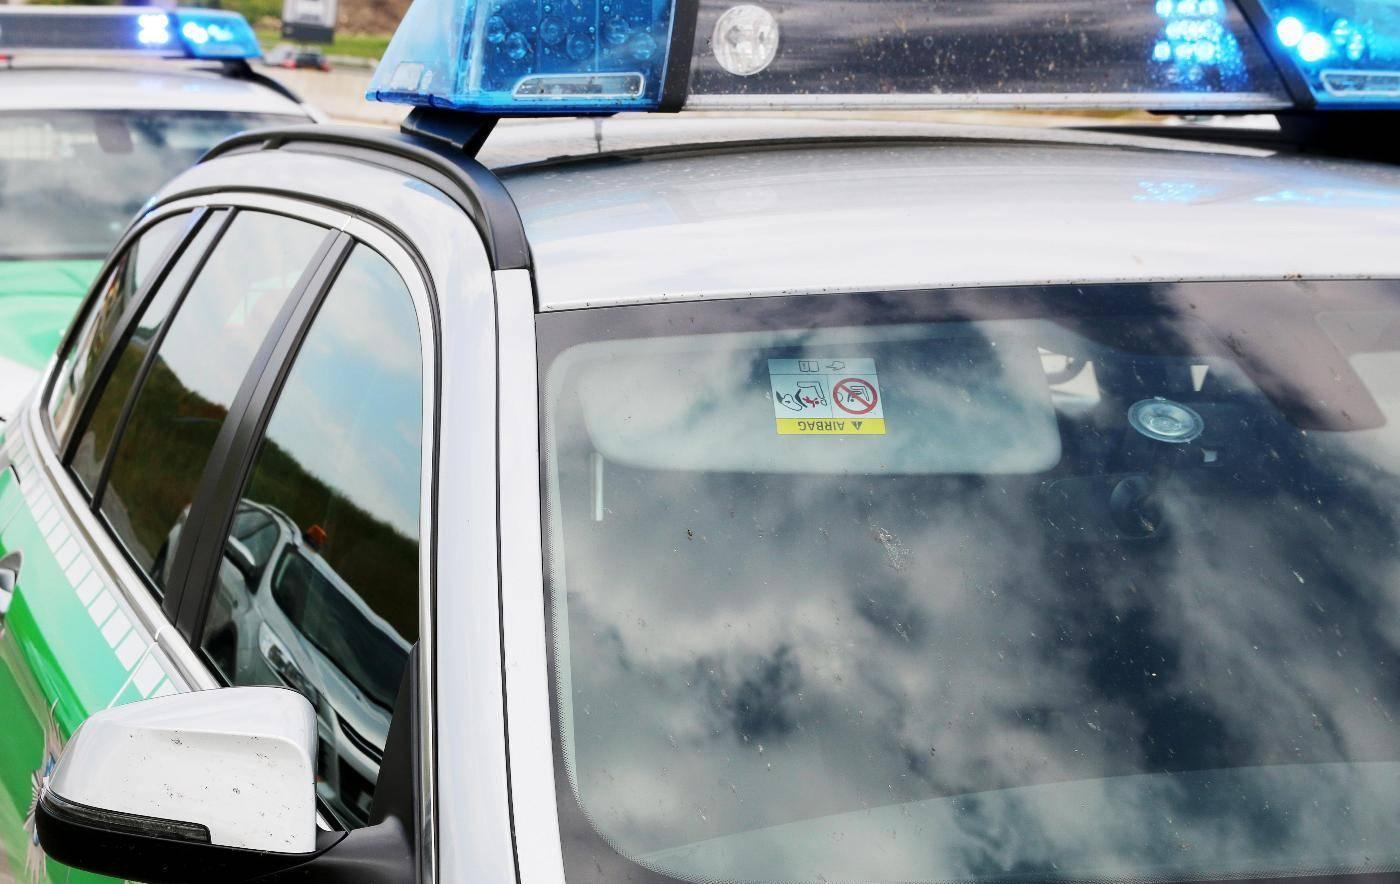 Polizeifahrzeug, Bsaktuell, Schwaben, Nachrichten